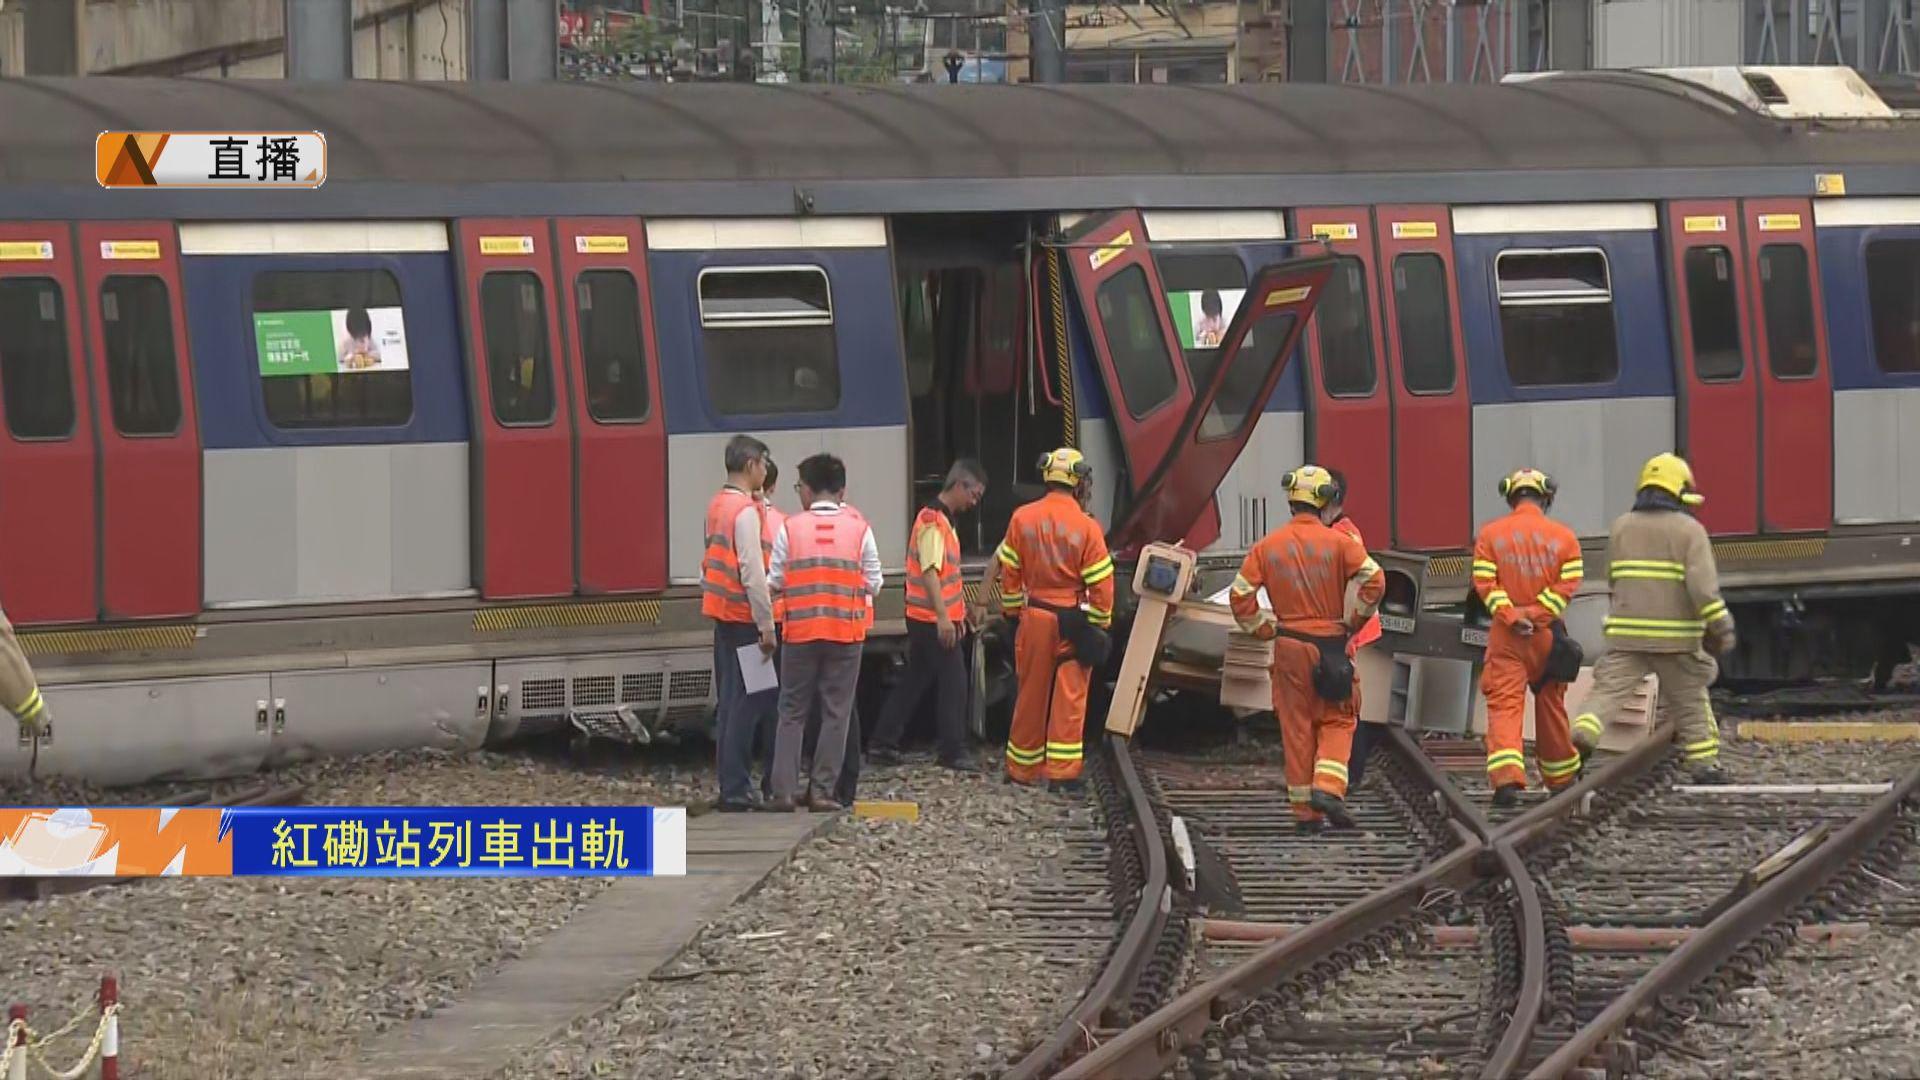 【紅磡出軌‧現場報道】列車車門損毀 消防在場檢查